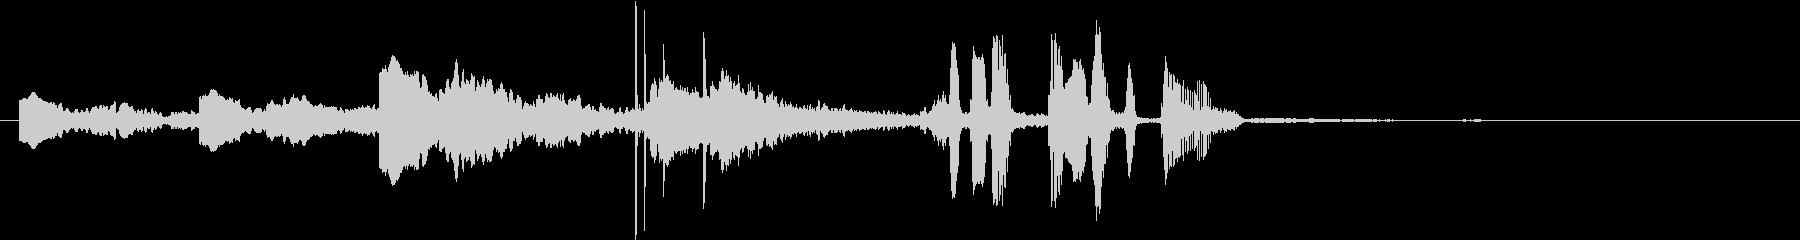 雨を知らせるサイン音+男性アナウンスの未再生の波形